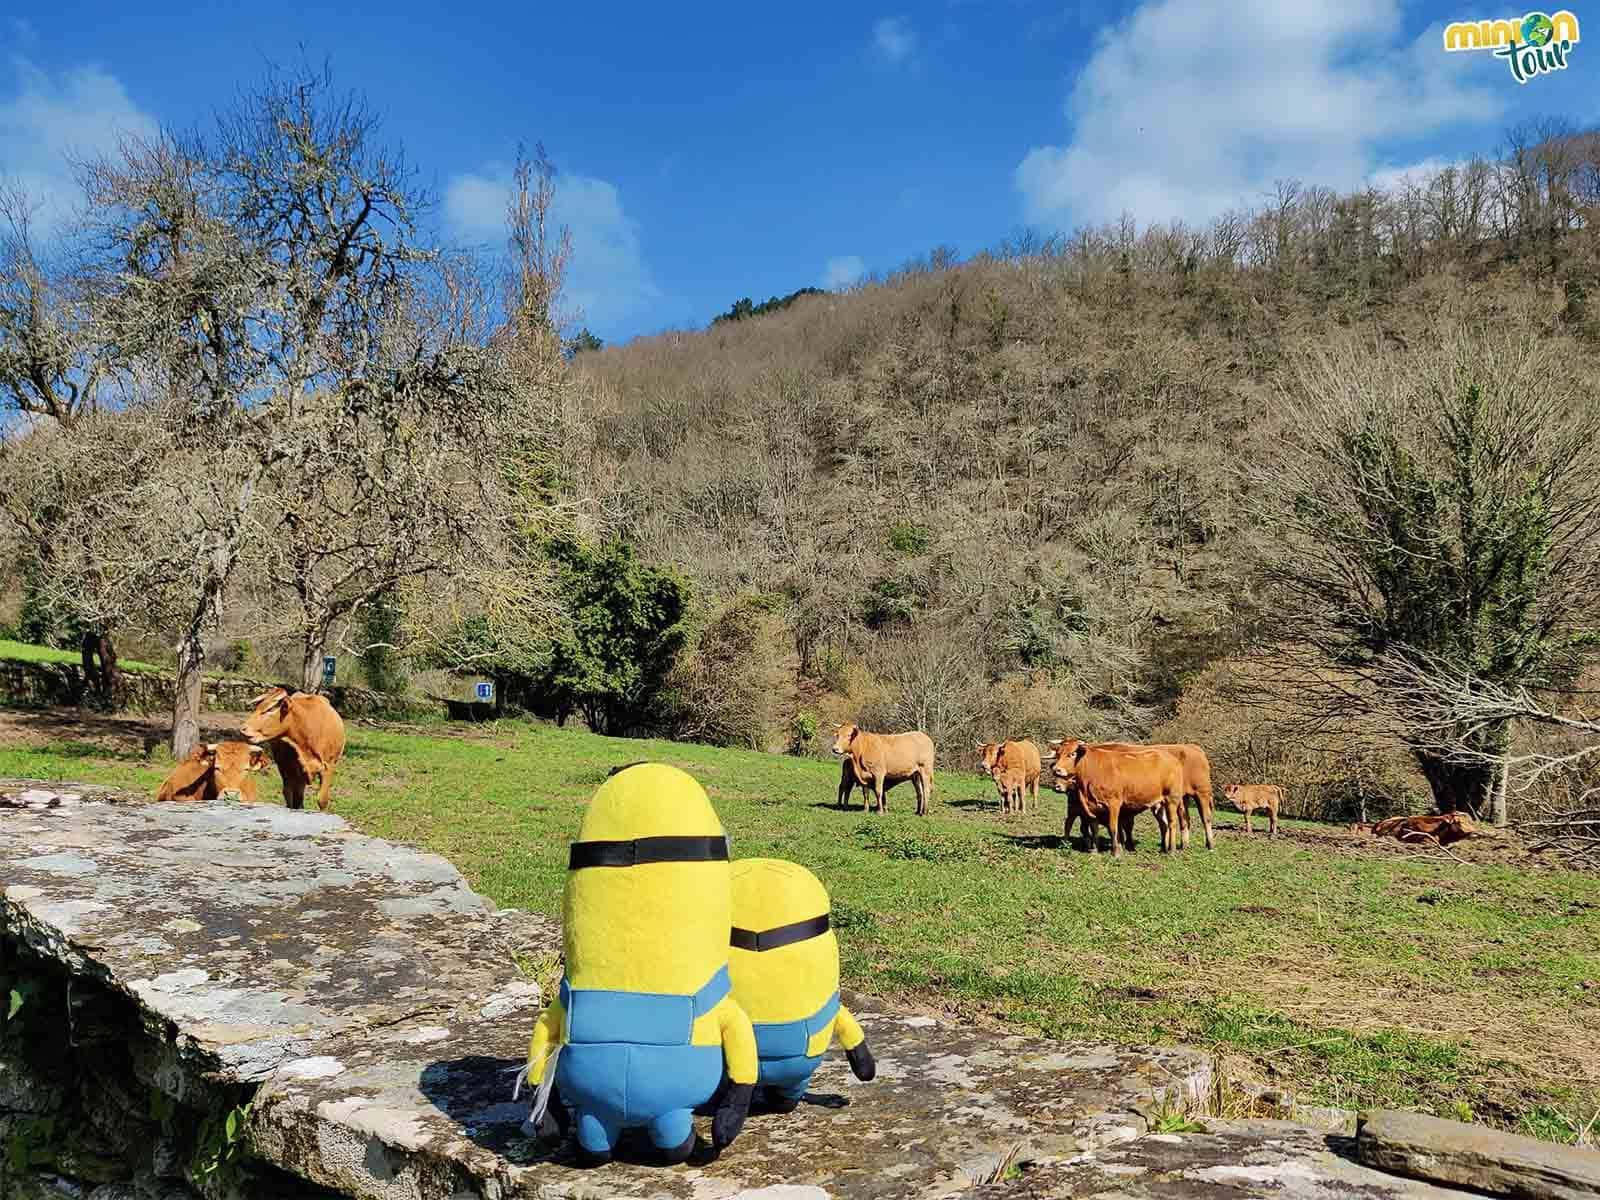 Nos hemos encontrado con unas vacas